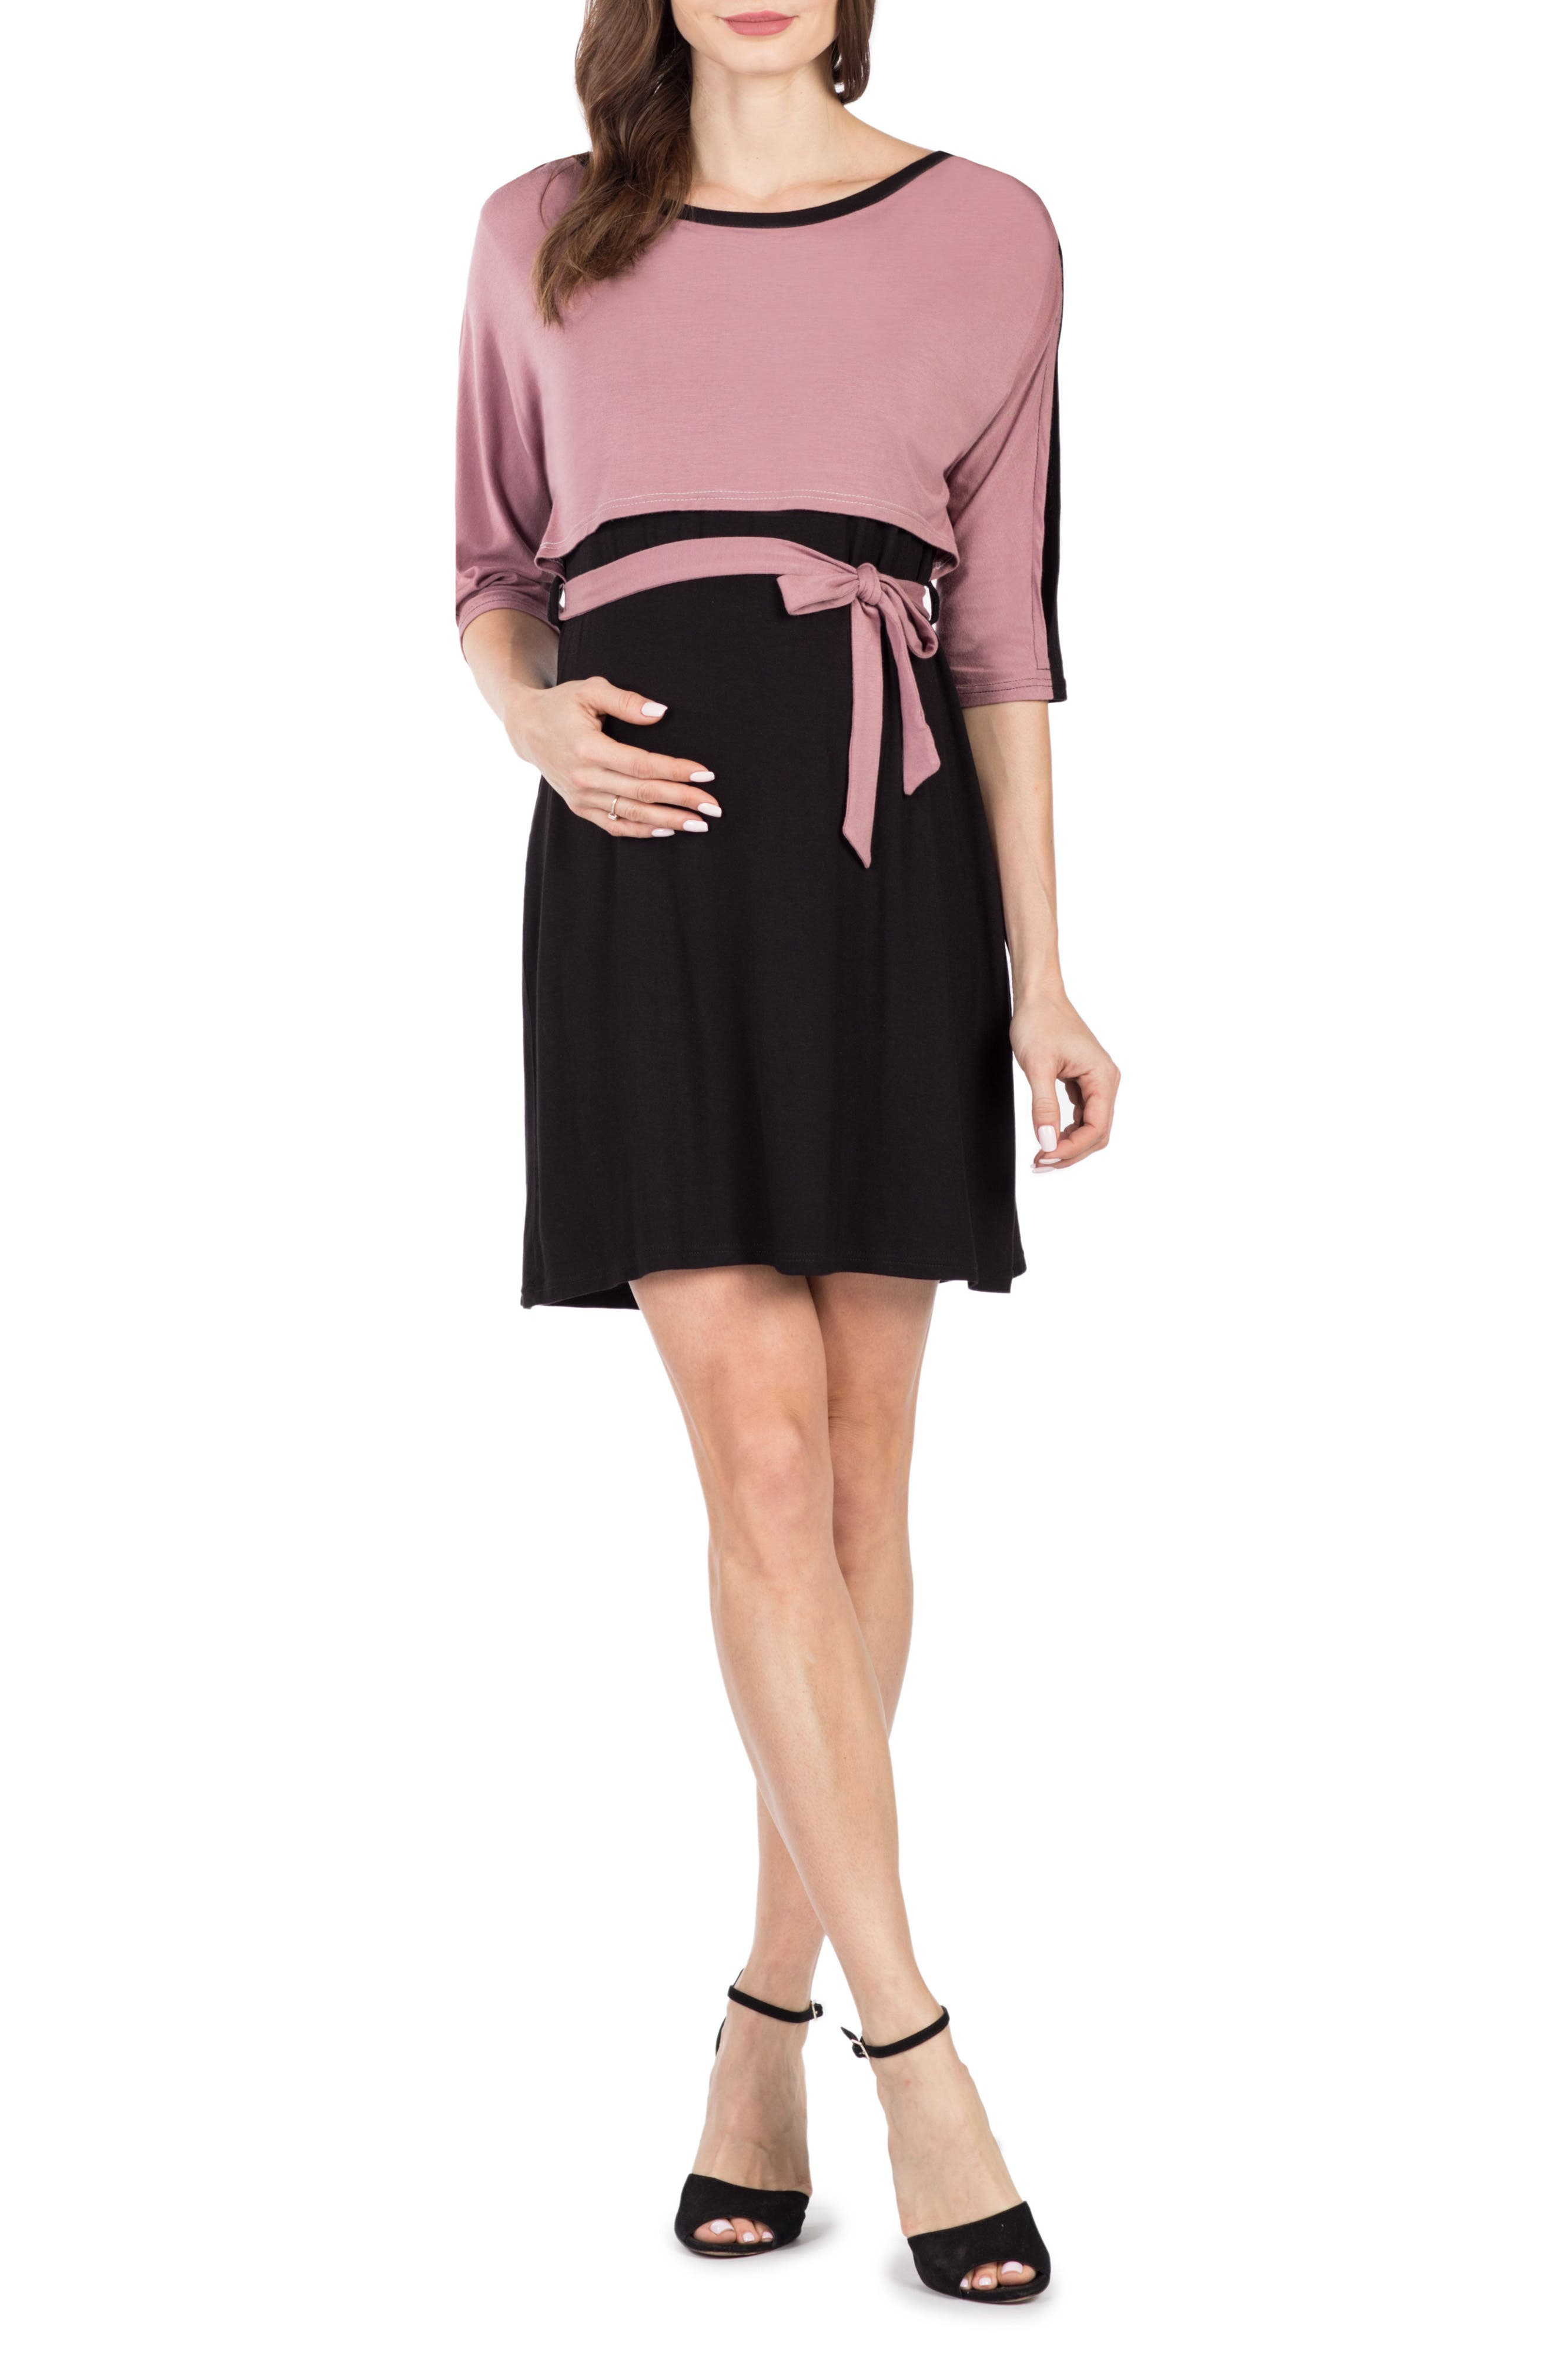 Siena Maternity/Nursing Dress,                             Main thumbnail 1, color,                             BLACK/ MAUVE